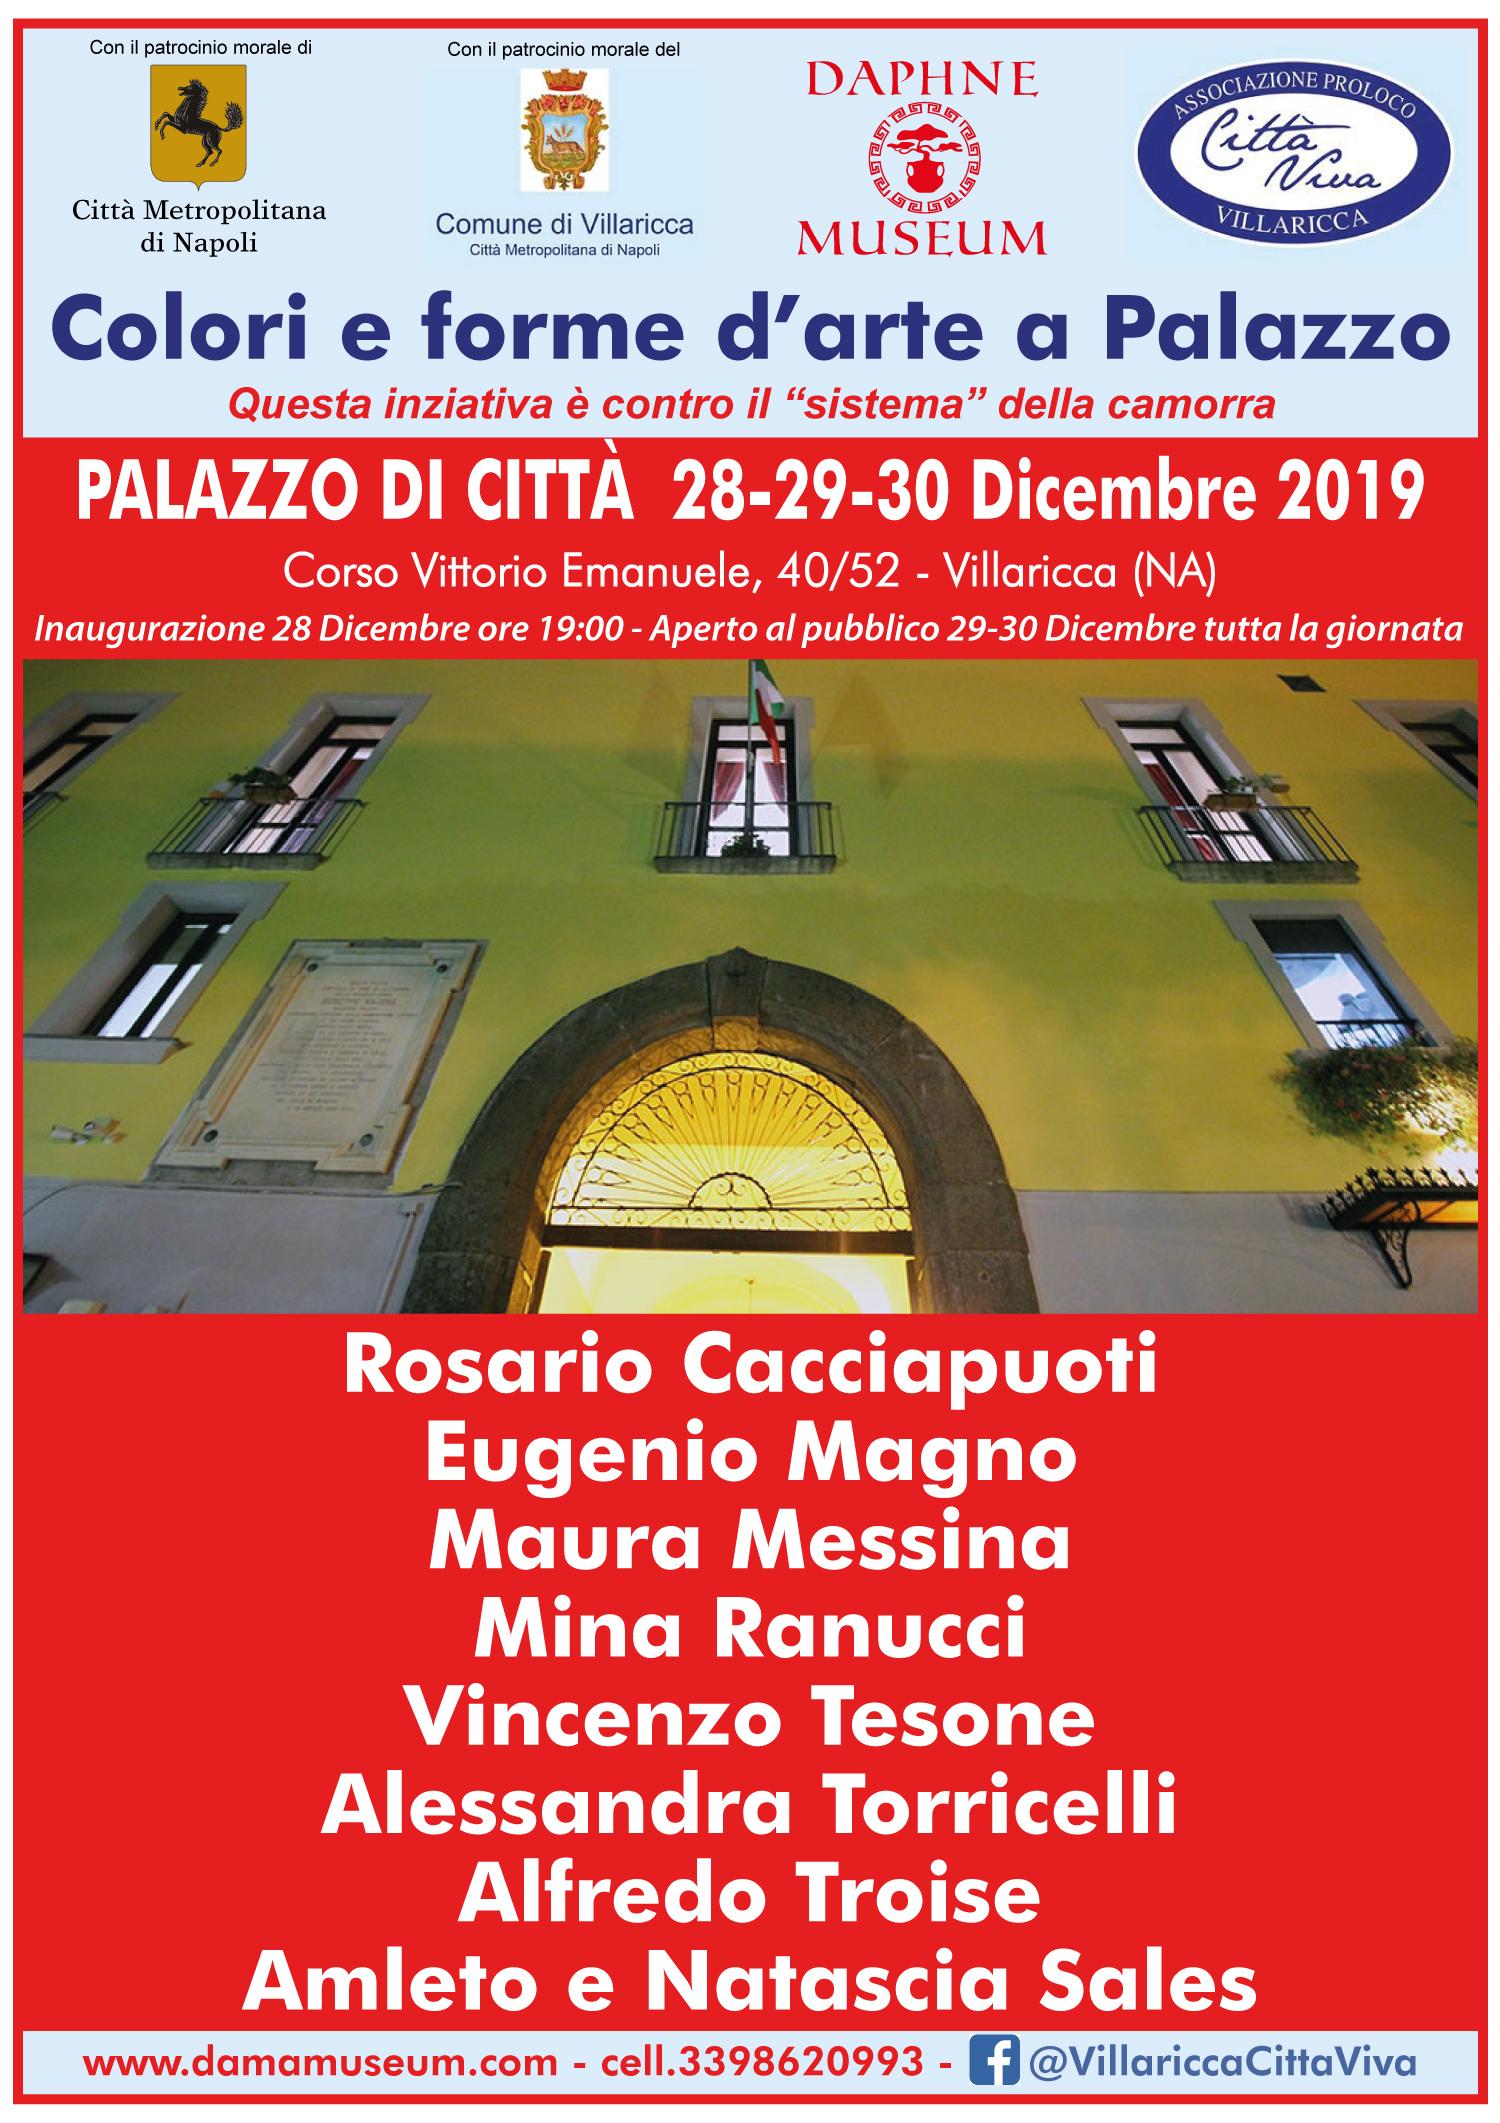 Colori e forme d'arte a Palazzo